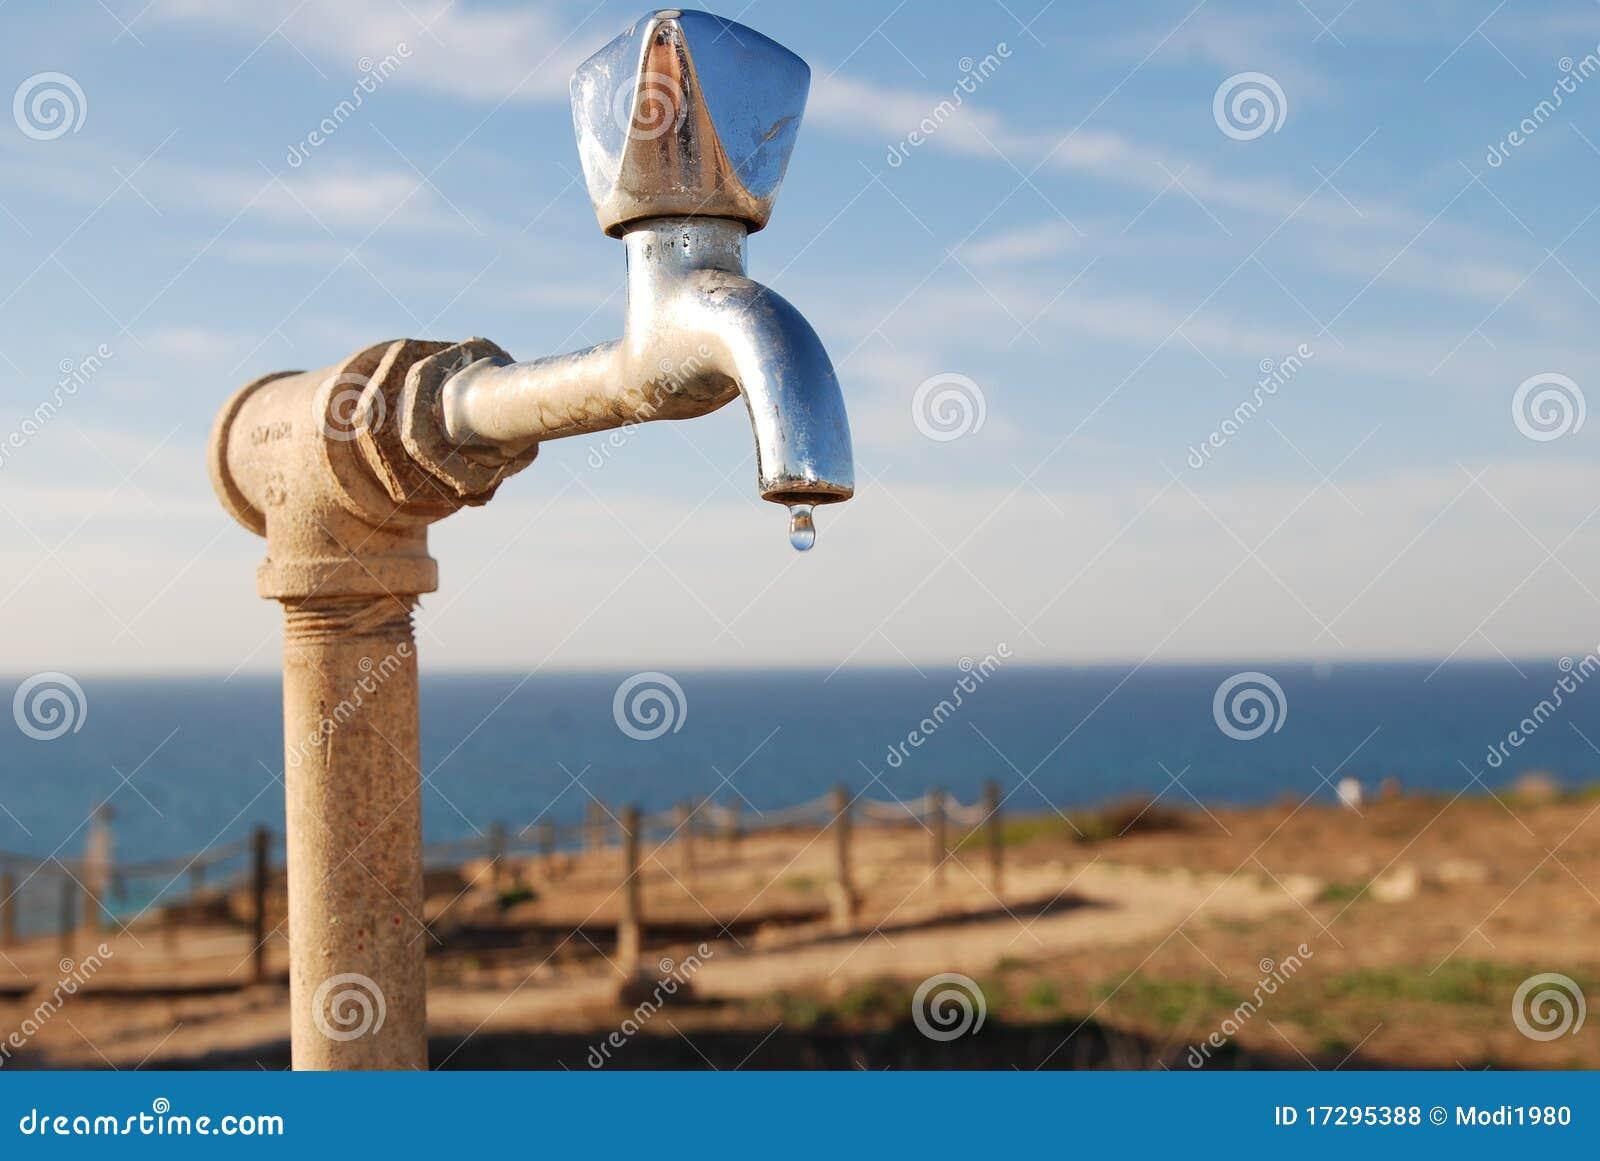 De kraan van het water